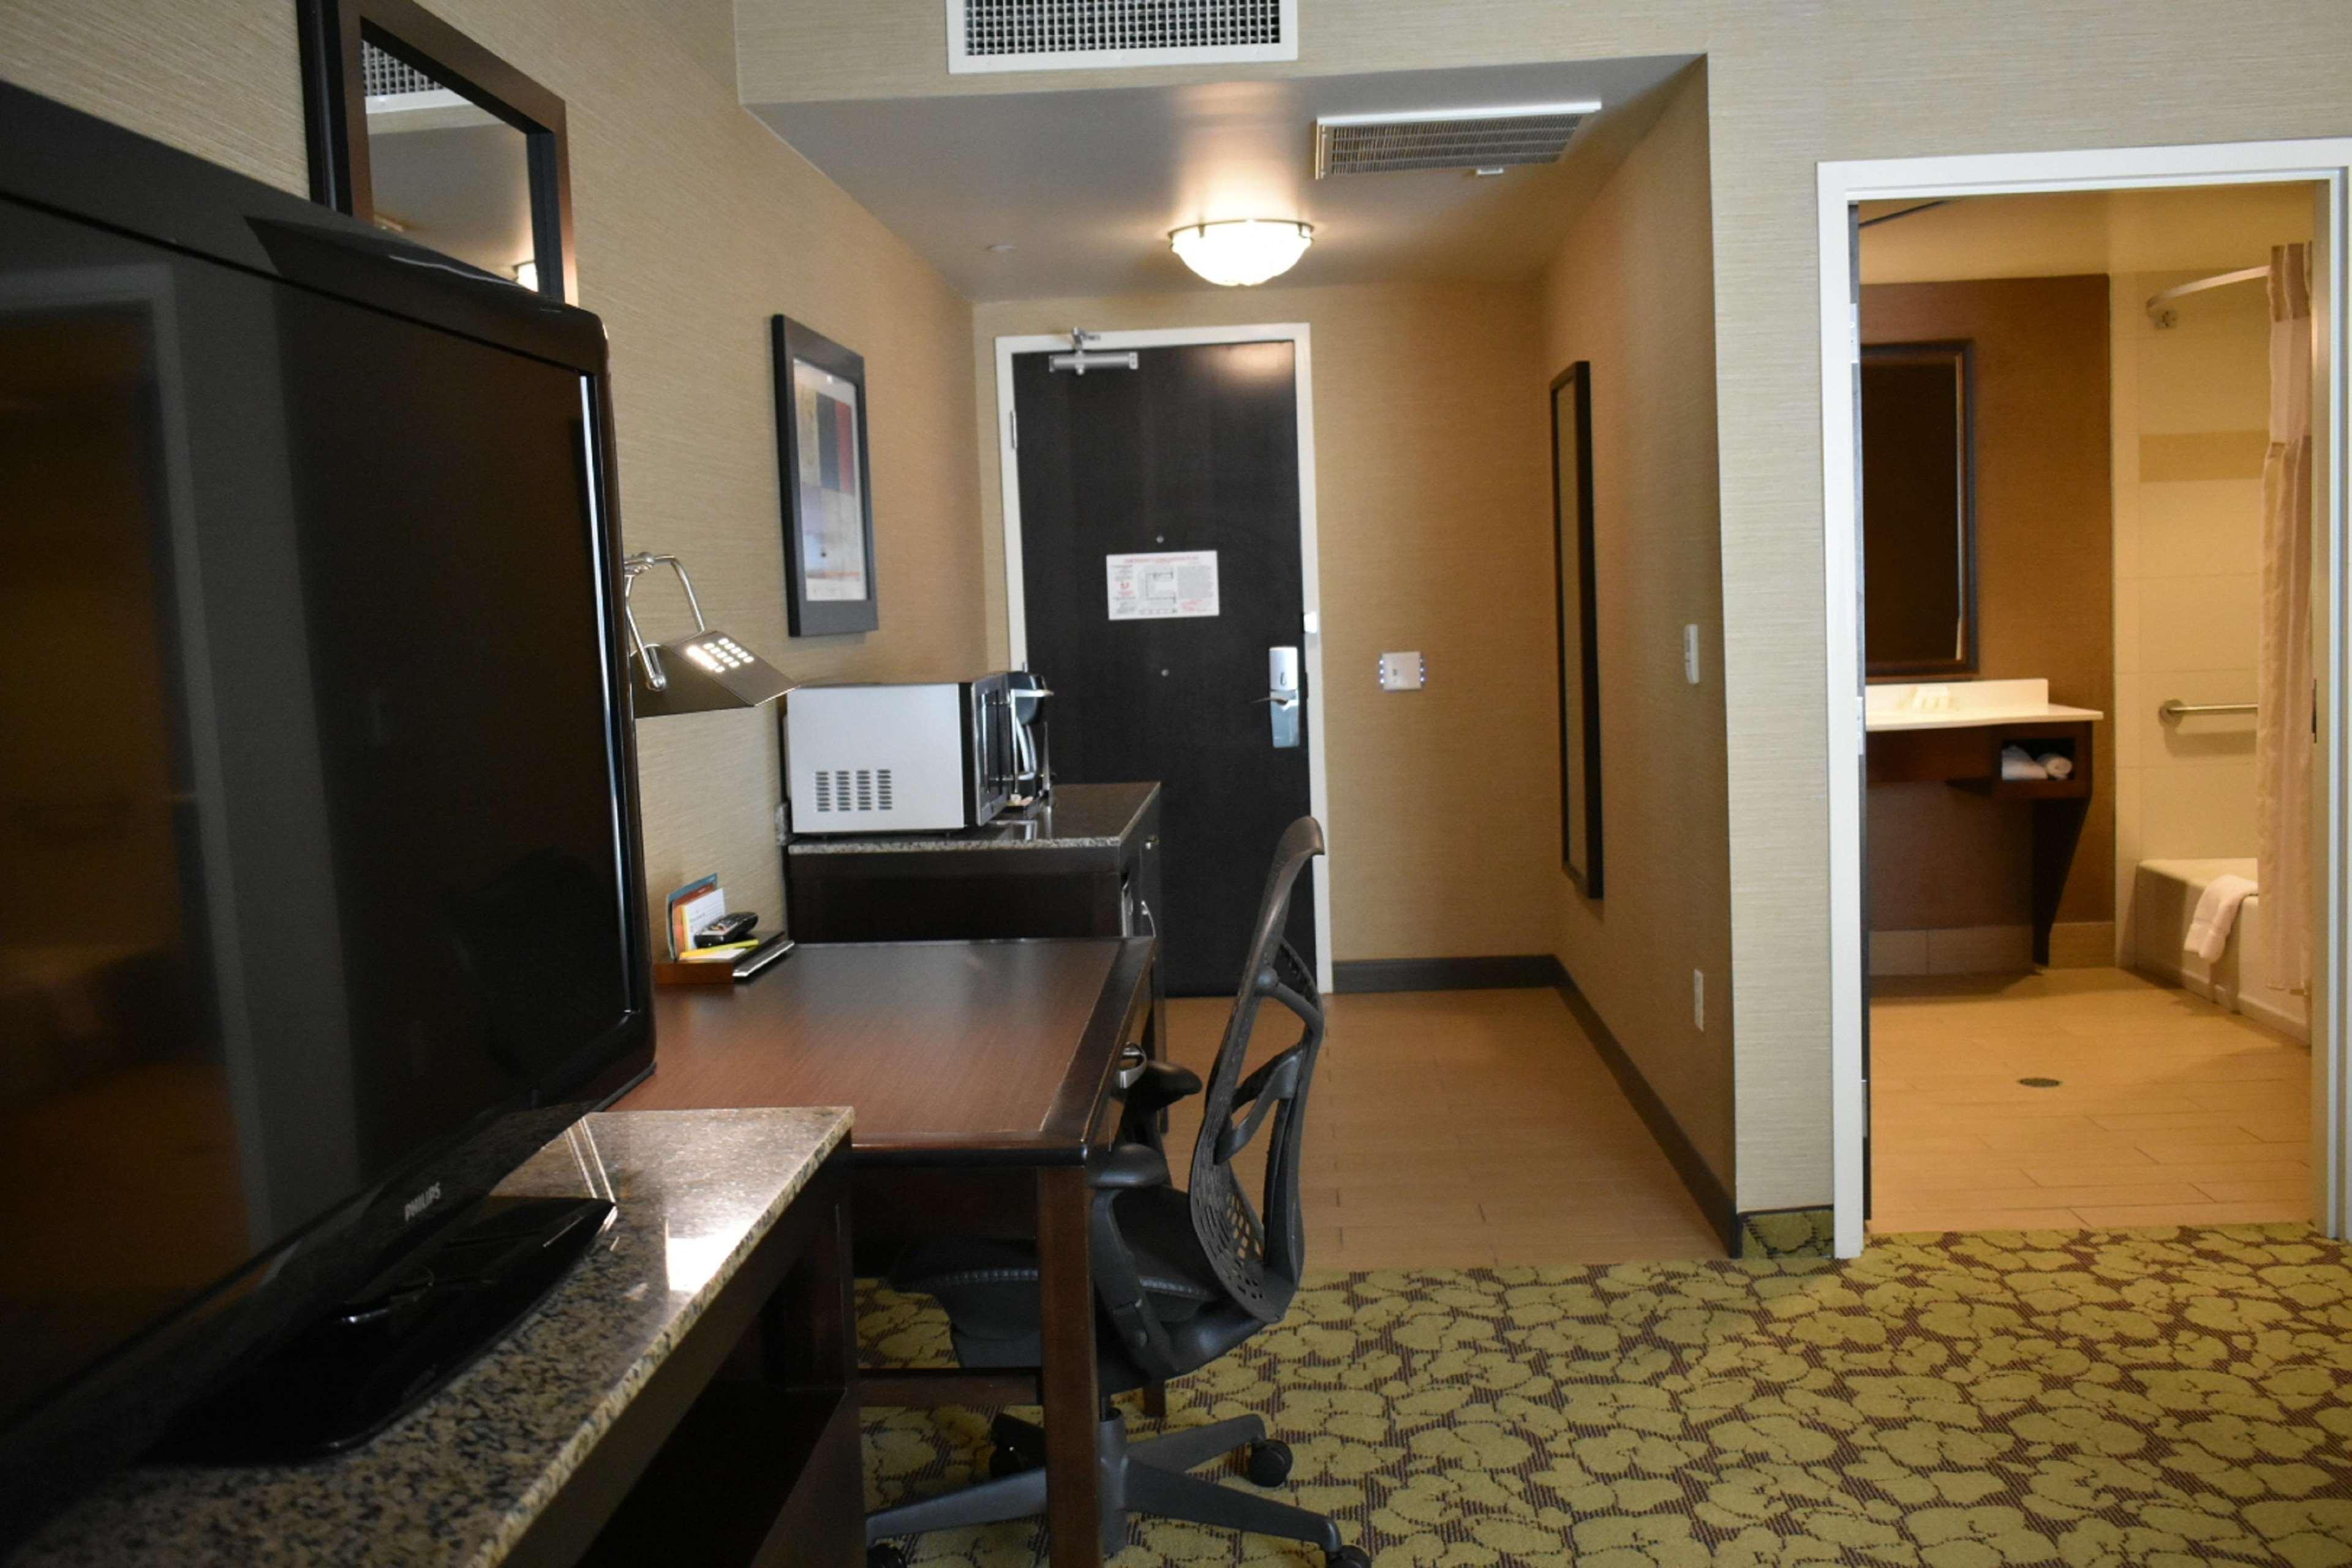 Hilton Garden Inn Ogden UT image 17